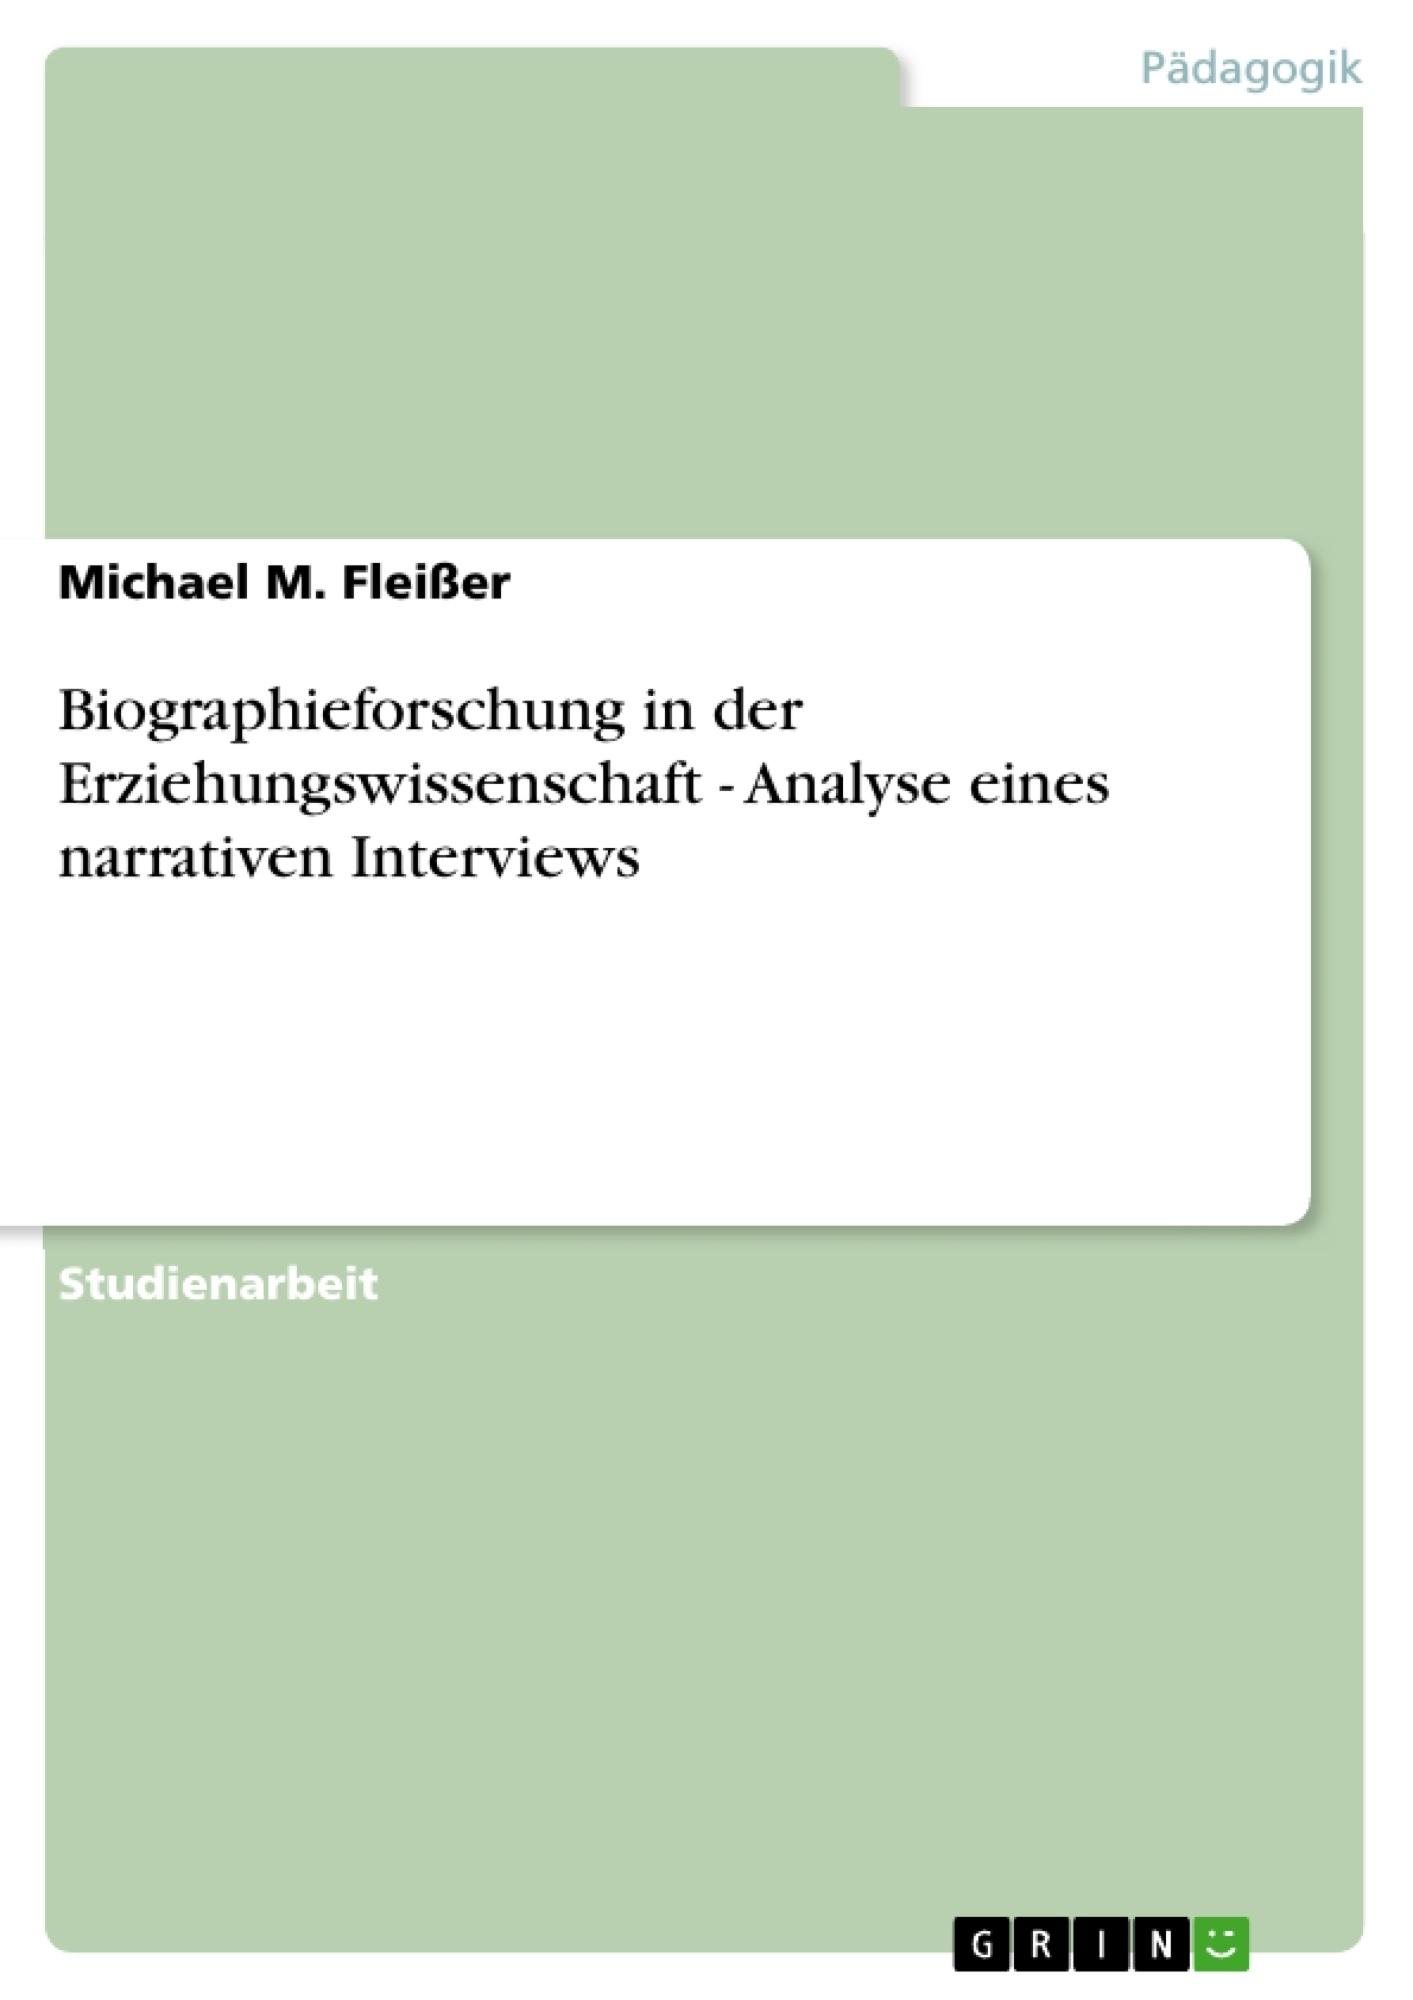 Titel: Biographieforschung in der Erziehungswissenschaft - Analyse eines narrativen Interviews